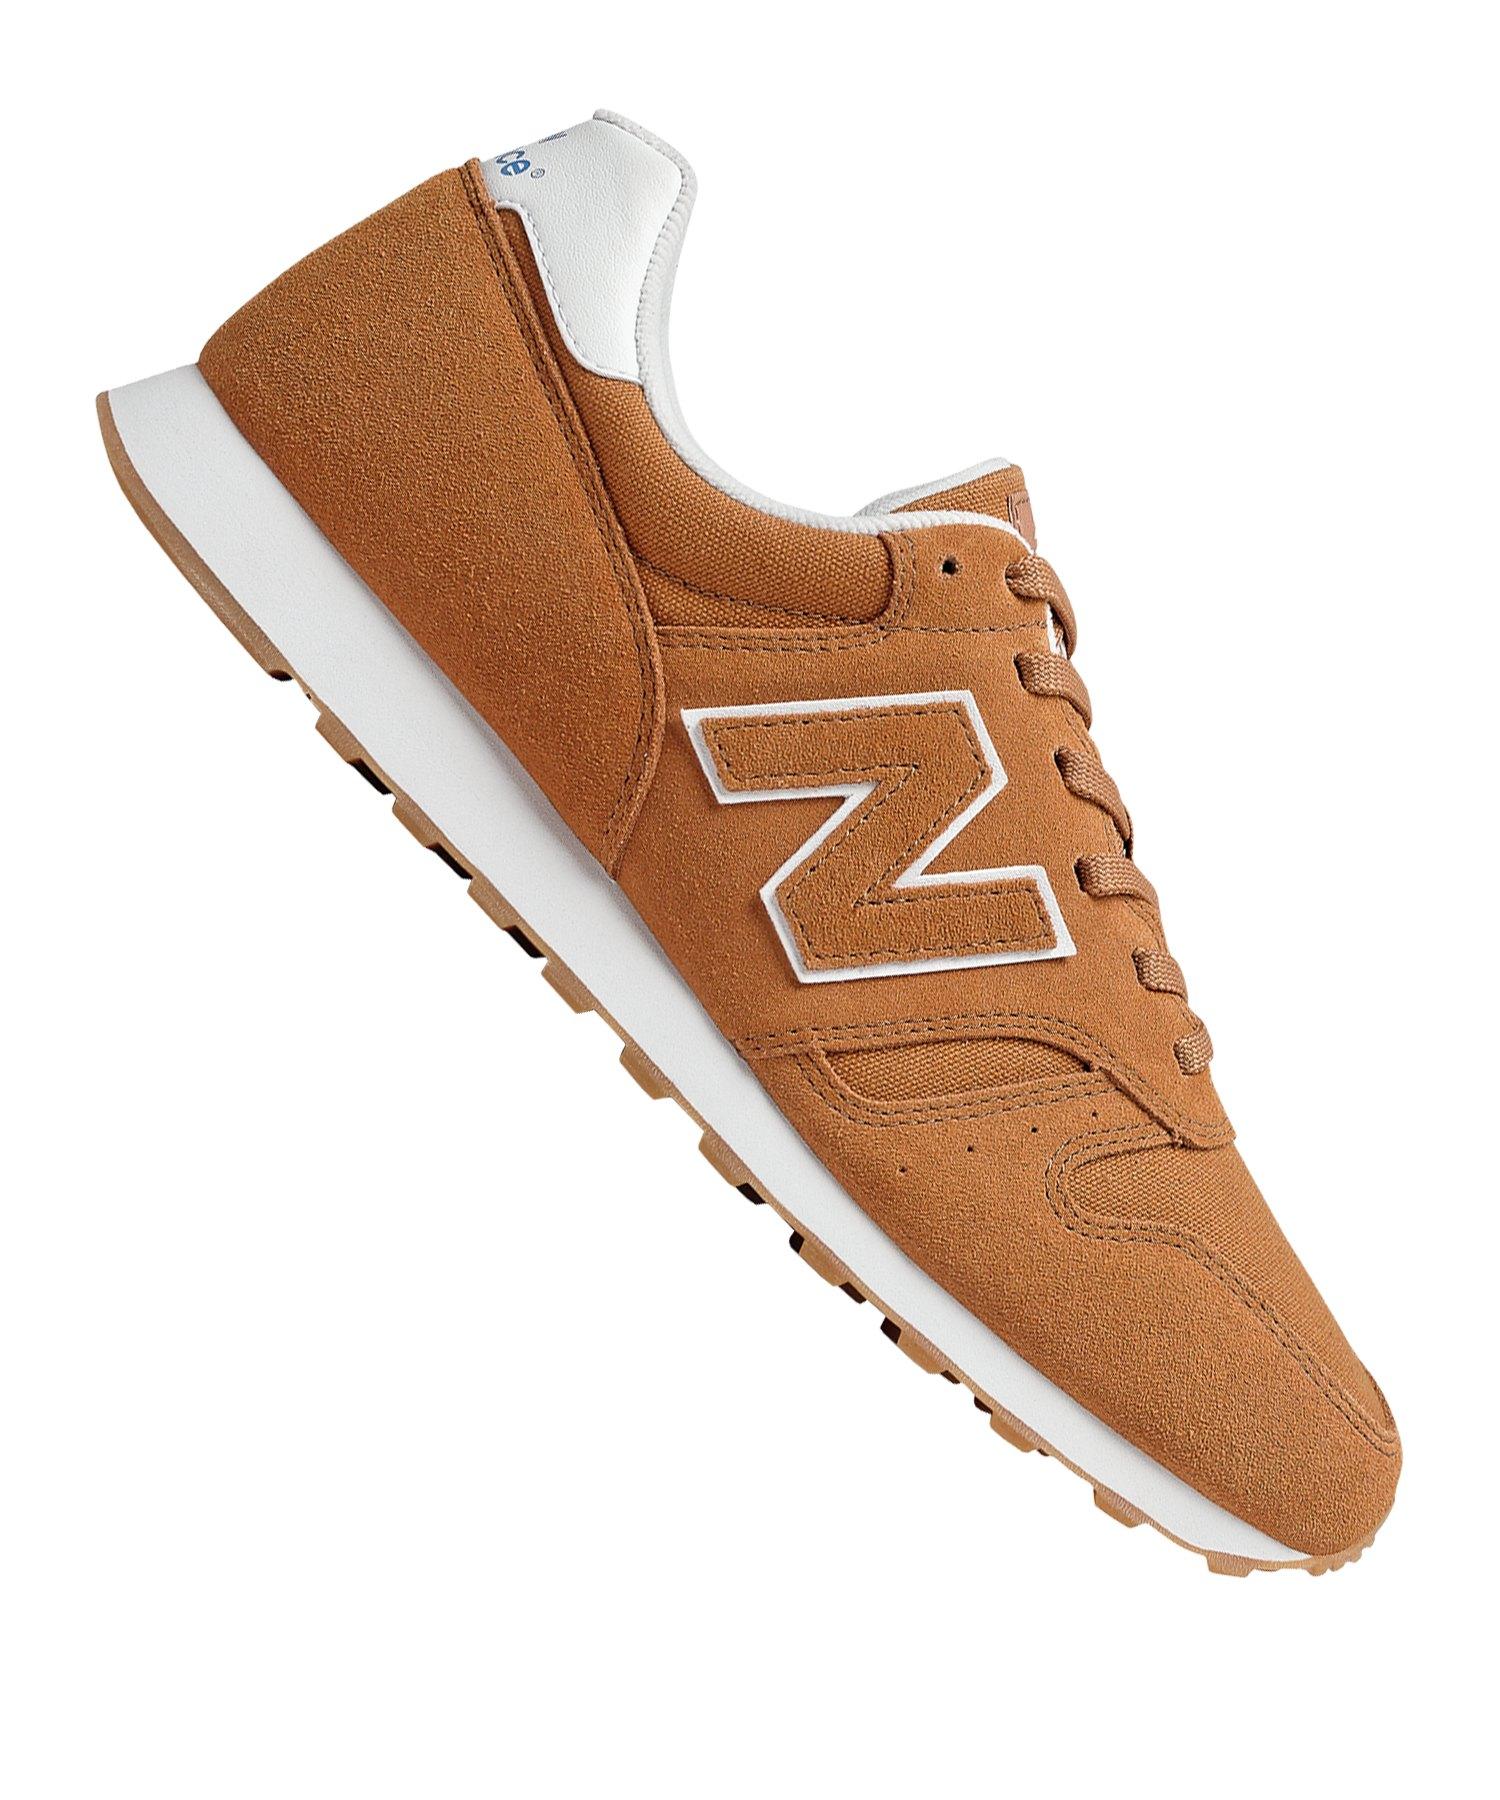 size 40 dab8f 02910 New Balance ML373D Sneaker Braun F009